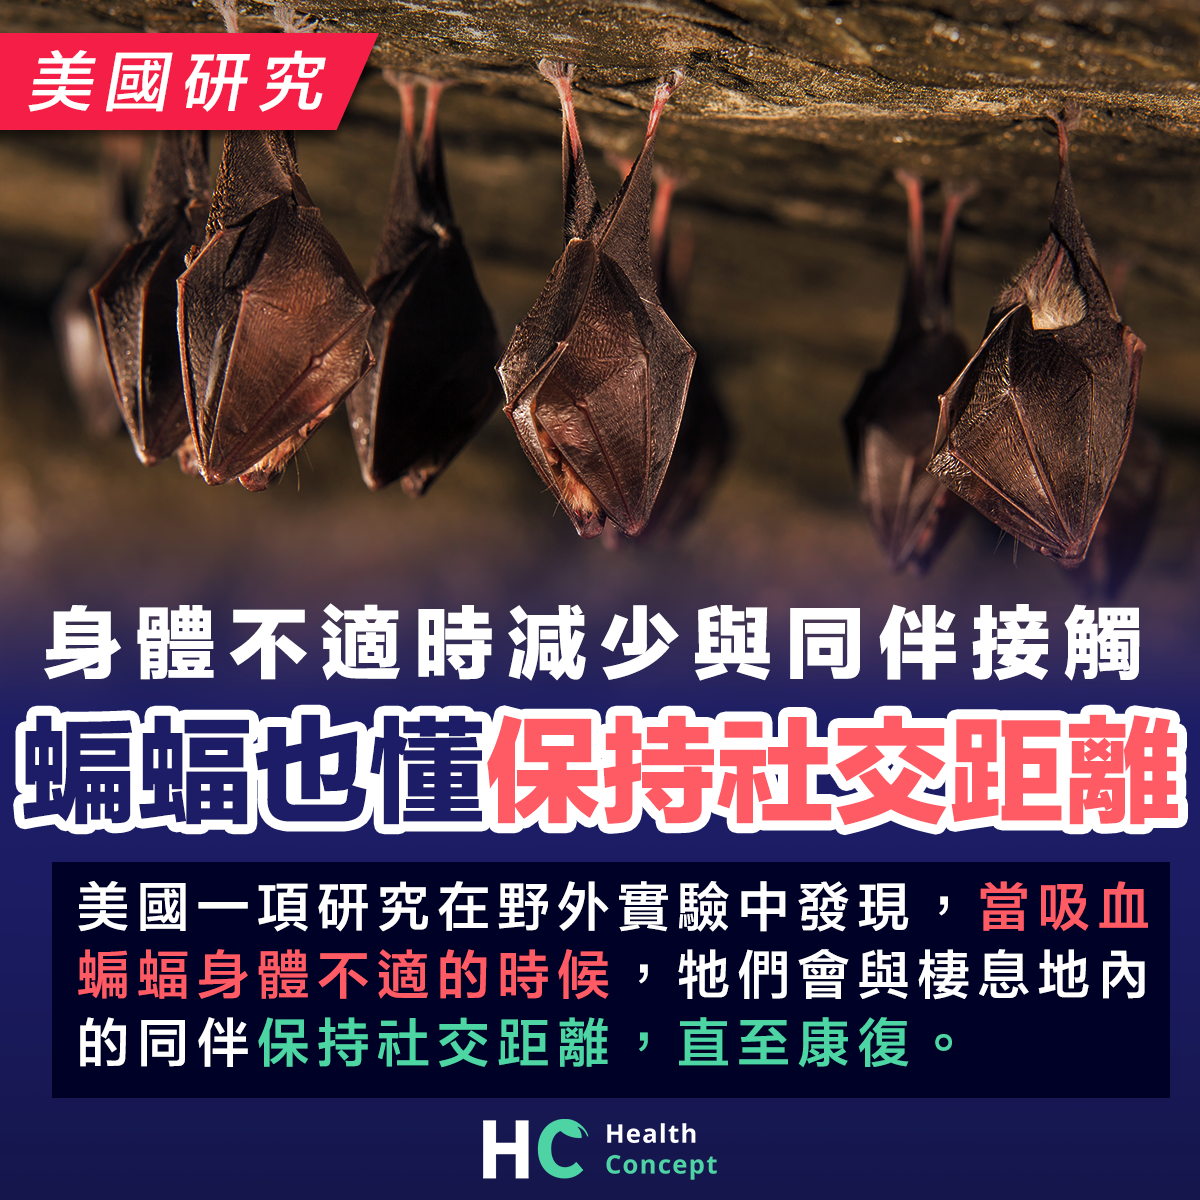 美國研究:身體不適時減少與同伴接觸 吸血蝙蝠也懂得保持社交距離